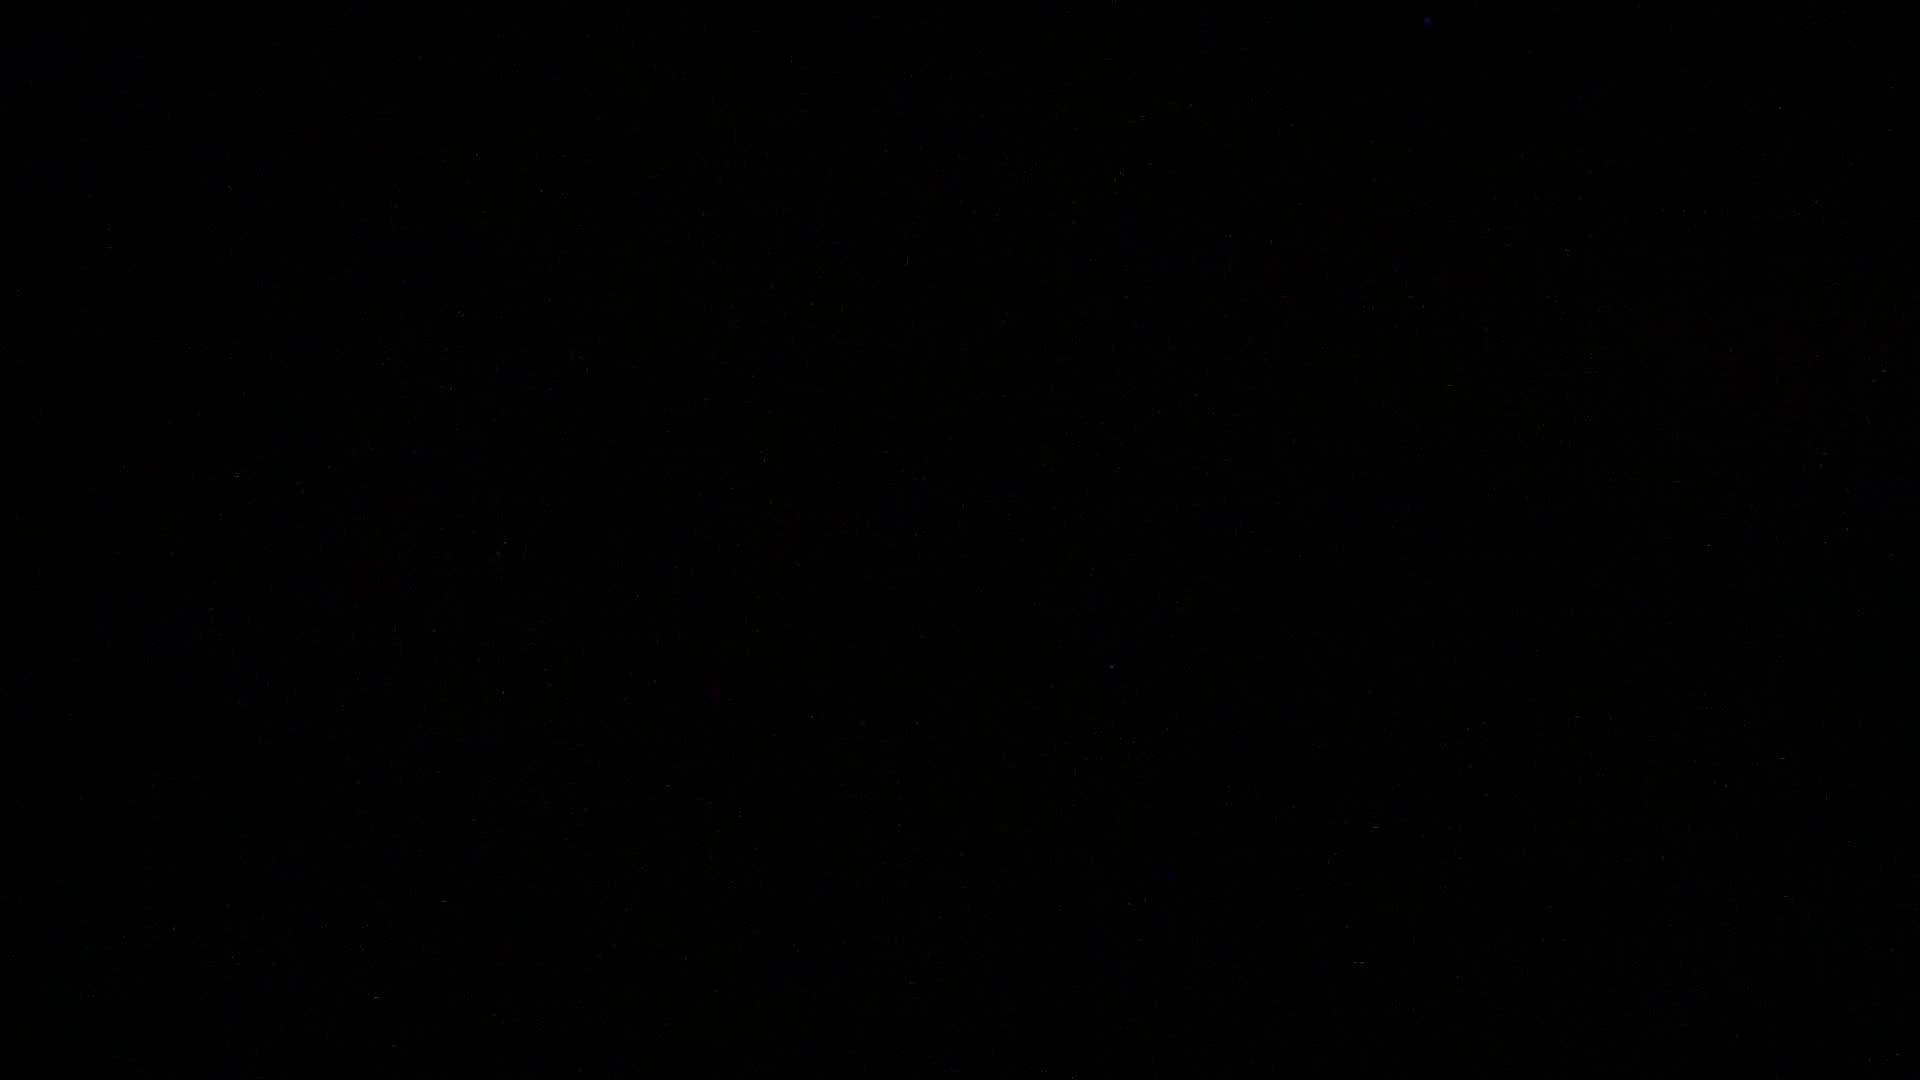 洗い場!洗顔がおっとこ前のギャル!水滴が残念・・・ ギャル オマンコ無修正動画無料 108pic 37